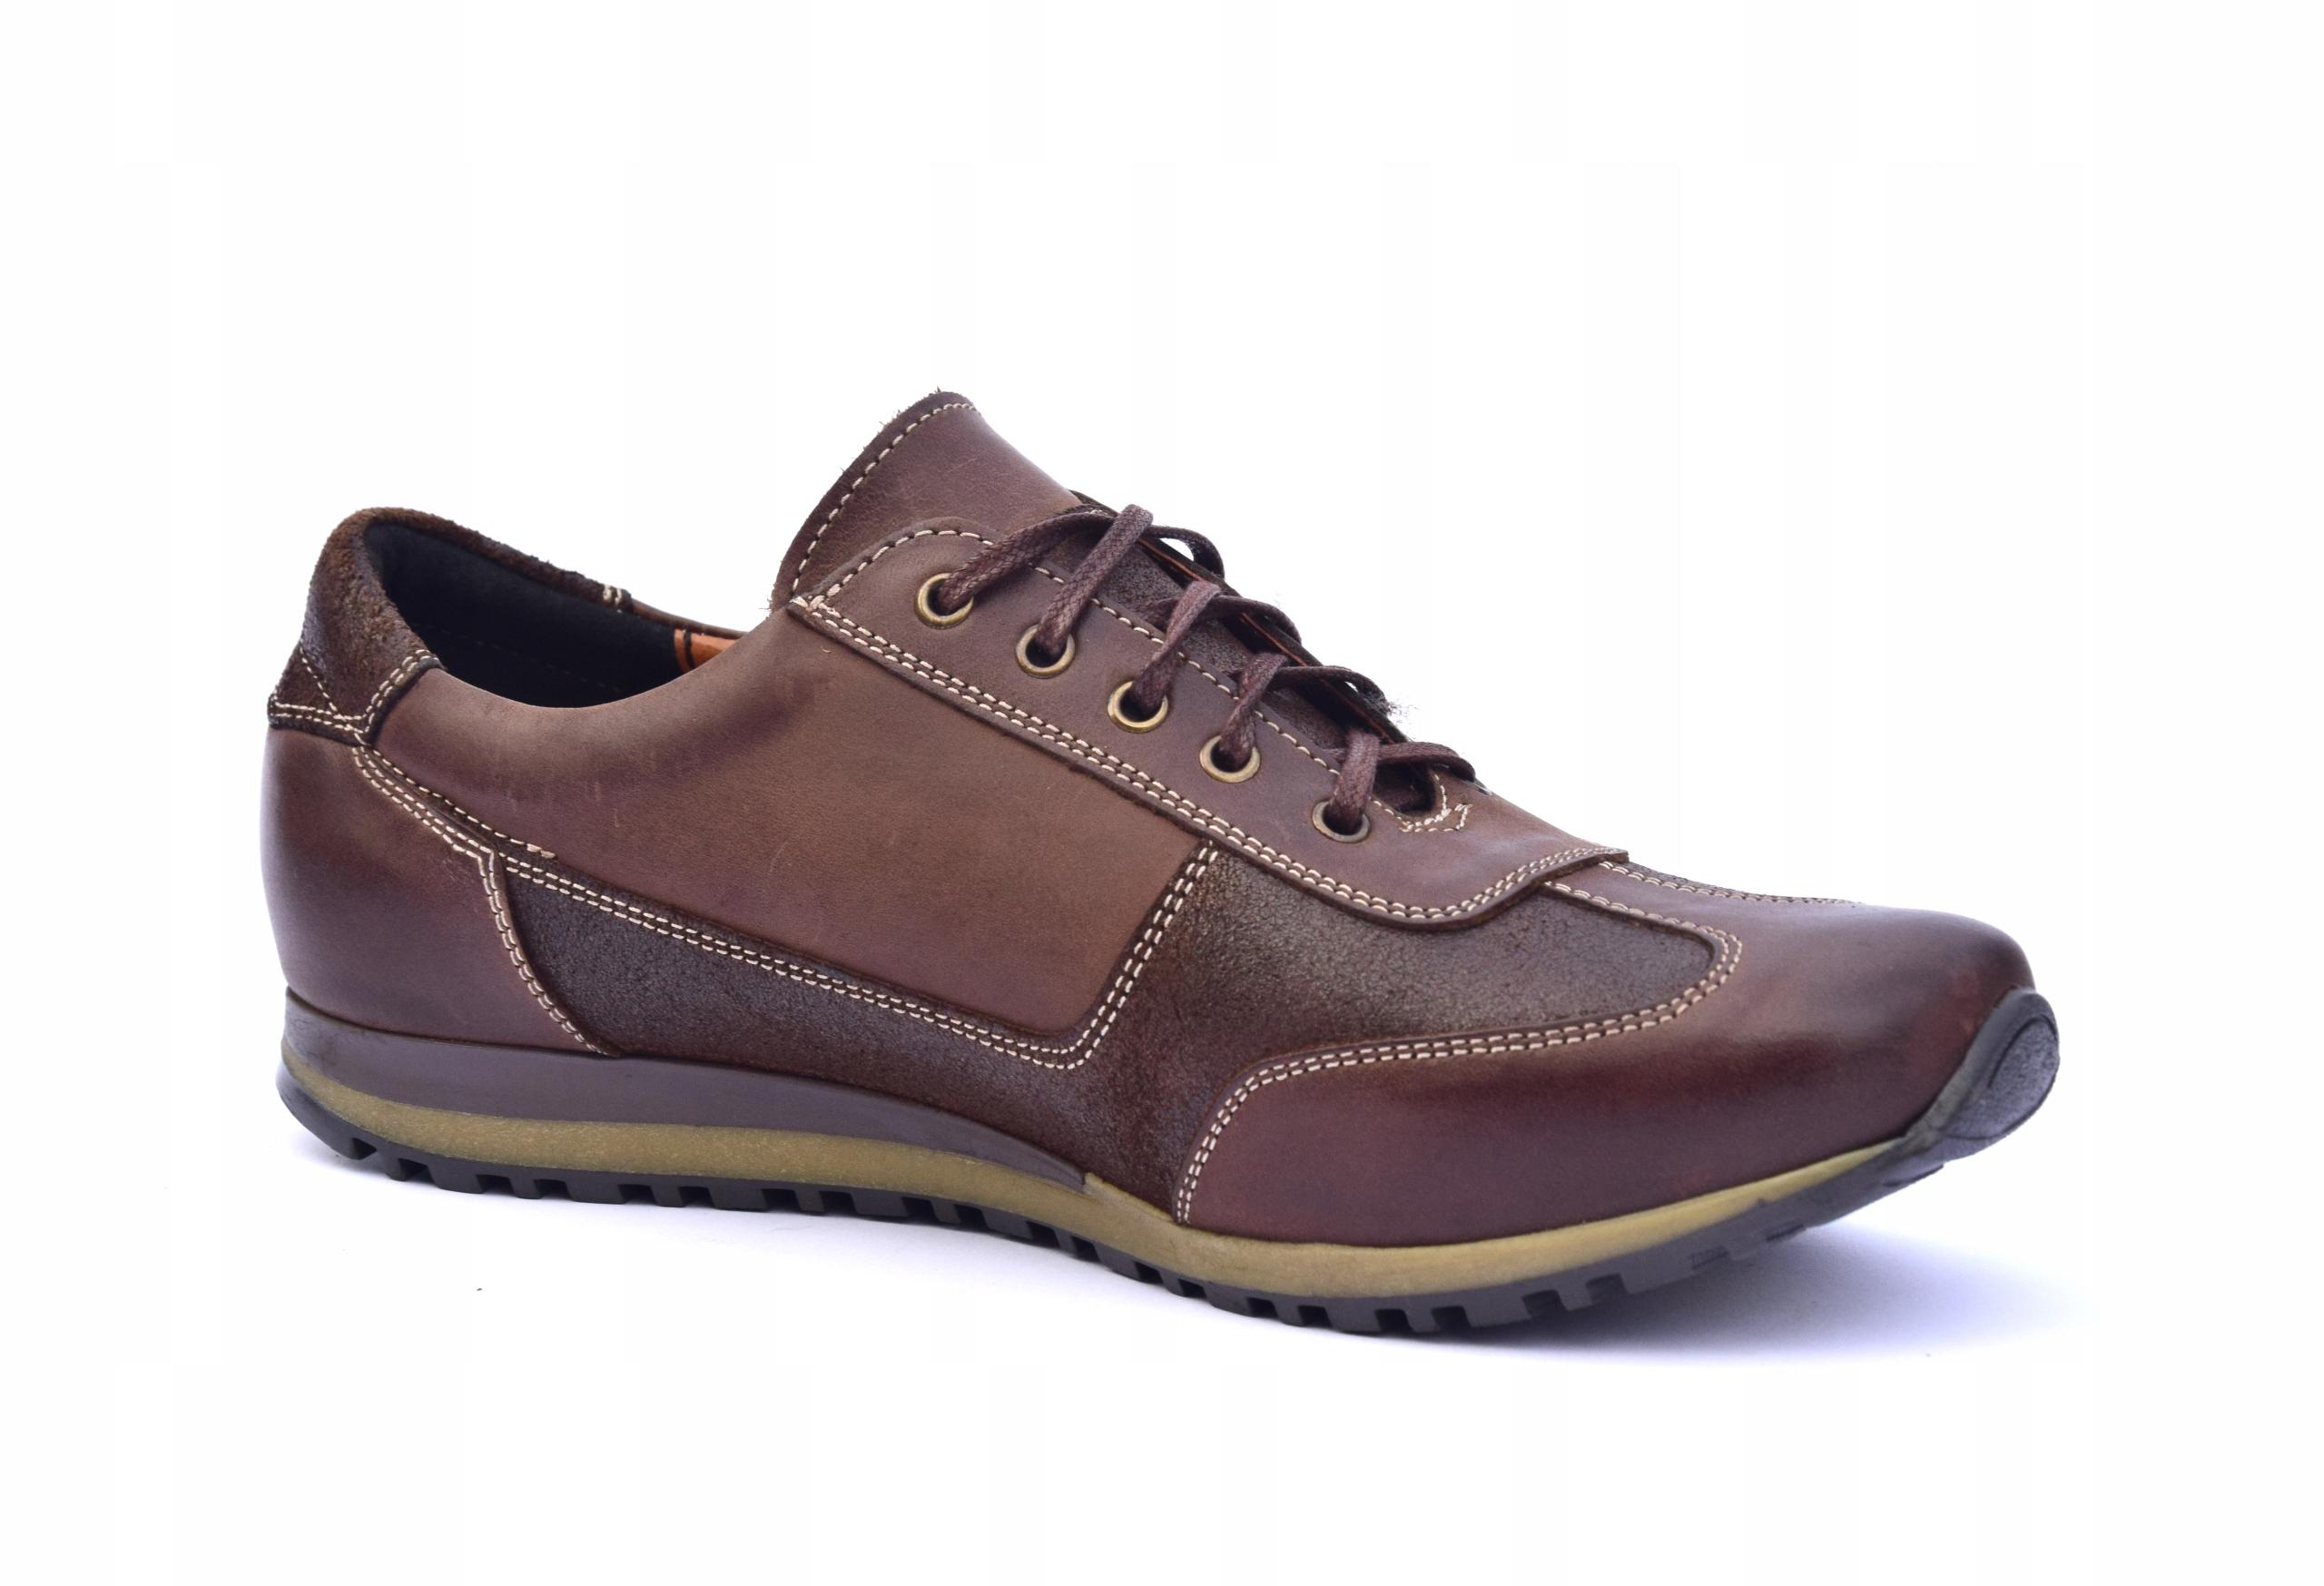 Półbuty skórzane brązowe obuwie ze skóry PL 294 Waga produktu z opakowaniem jednostkowym 2 kg